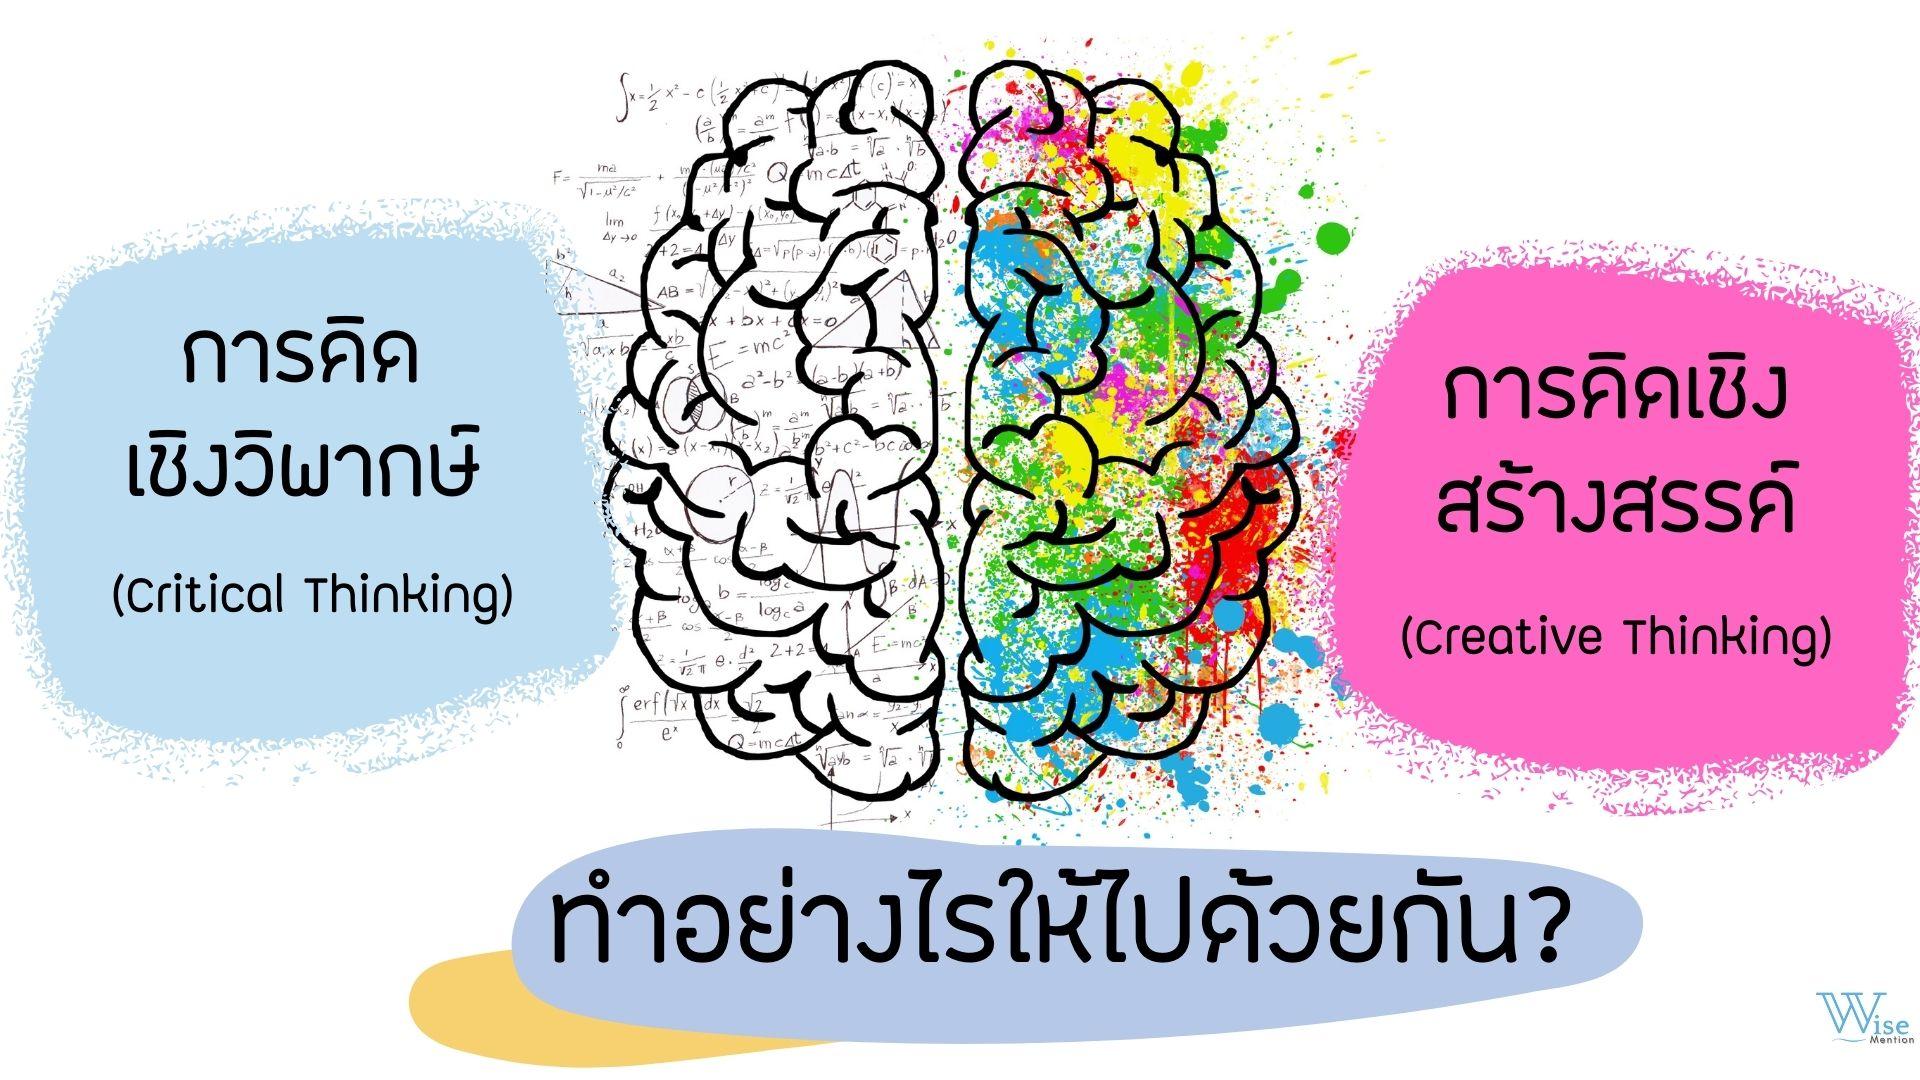 การคิดวิพากษ์และการคิดสร้างสรรค์ทำอย่างไรให้ไปด้วยกัน